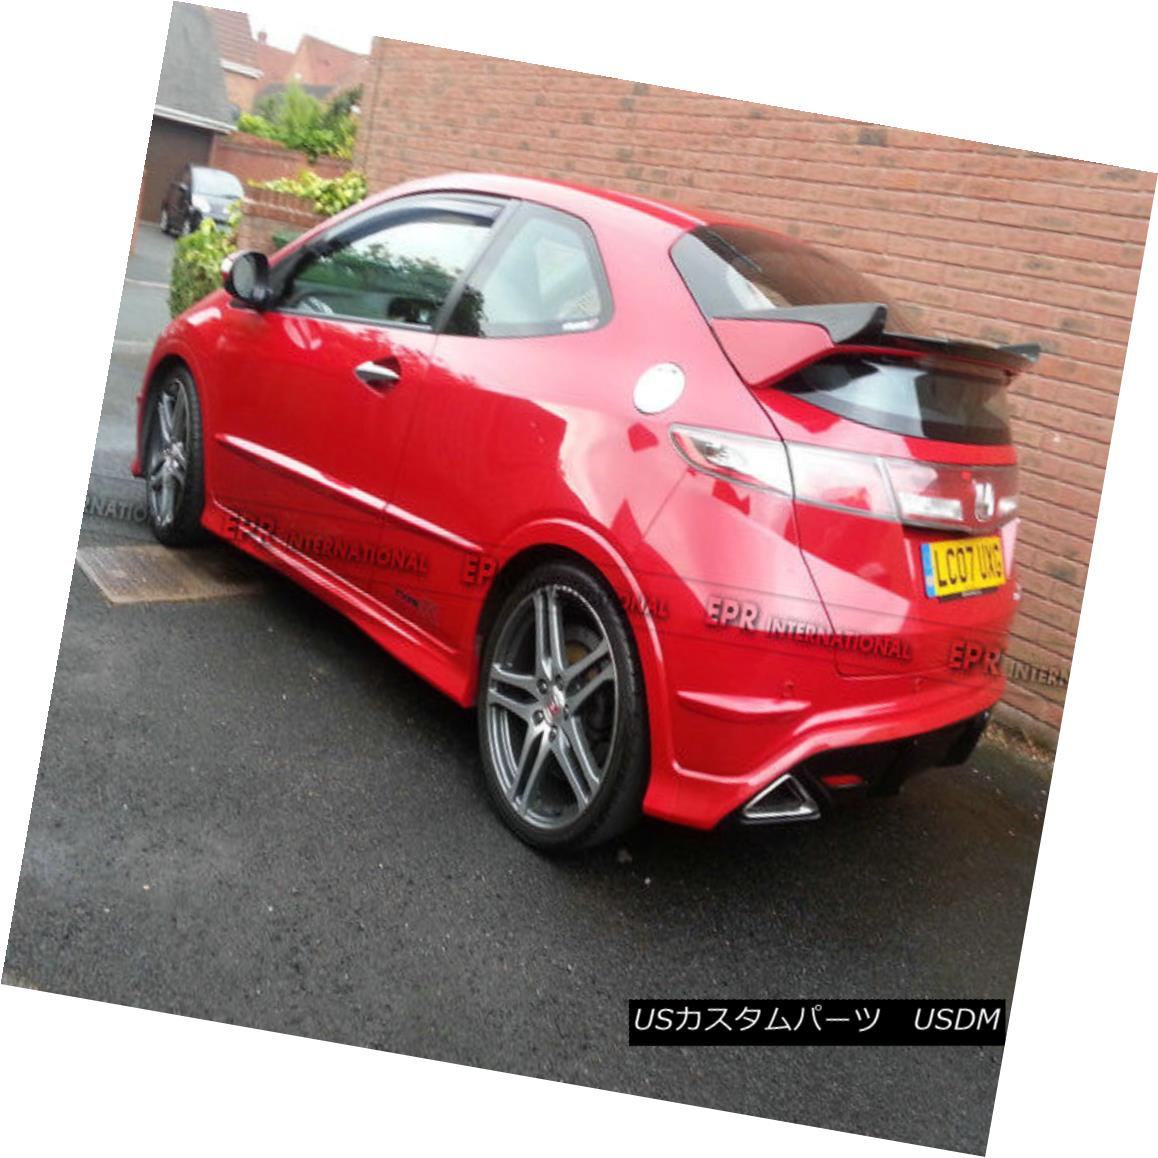 エアロパーツ AER Rear Spoiler Wing For Honda 07-11 Civic FN2 TypeR Seke Style Carbon Fiber ホンダ用AERリアスポイラーウイング07-11シビックFN2タイプRセークスタイルカーボンファイバー